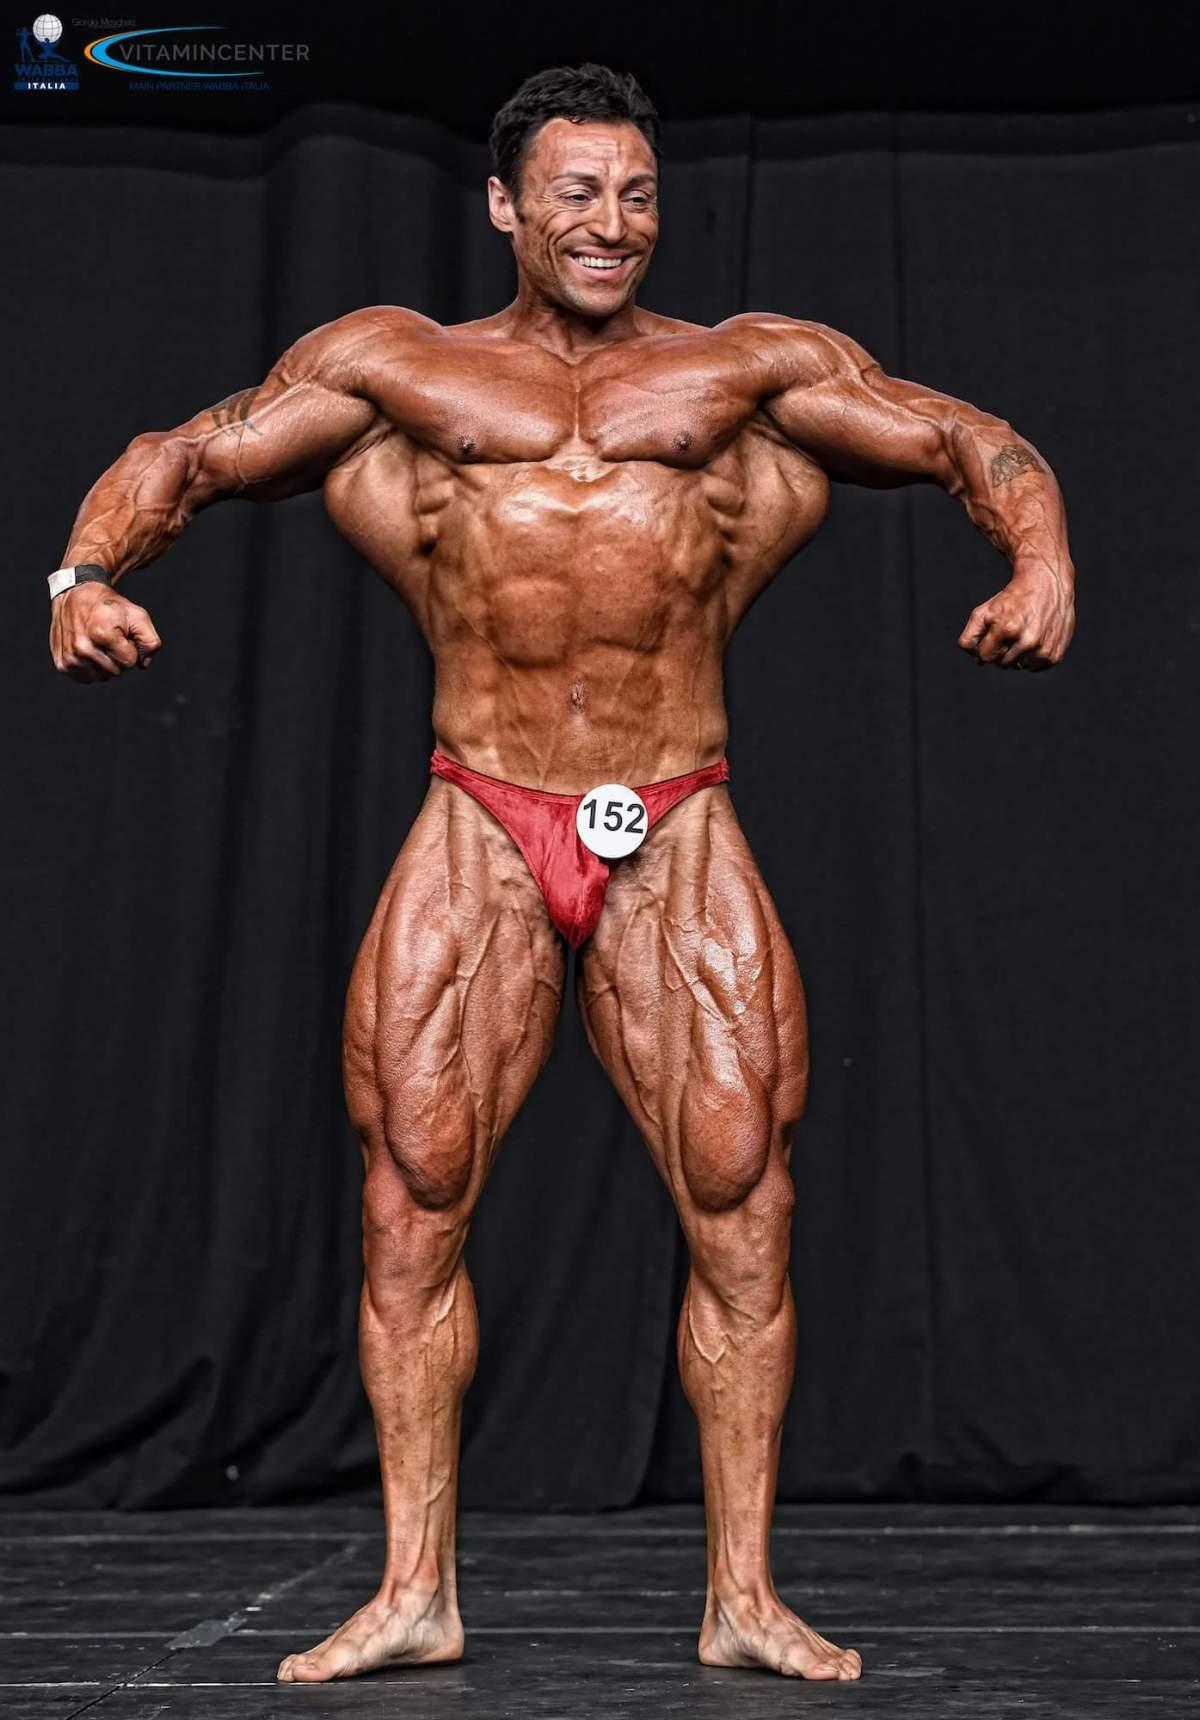 Allenarsi con un body builder – Marcello Corsini - Giovedì